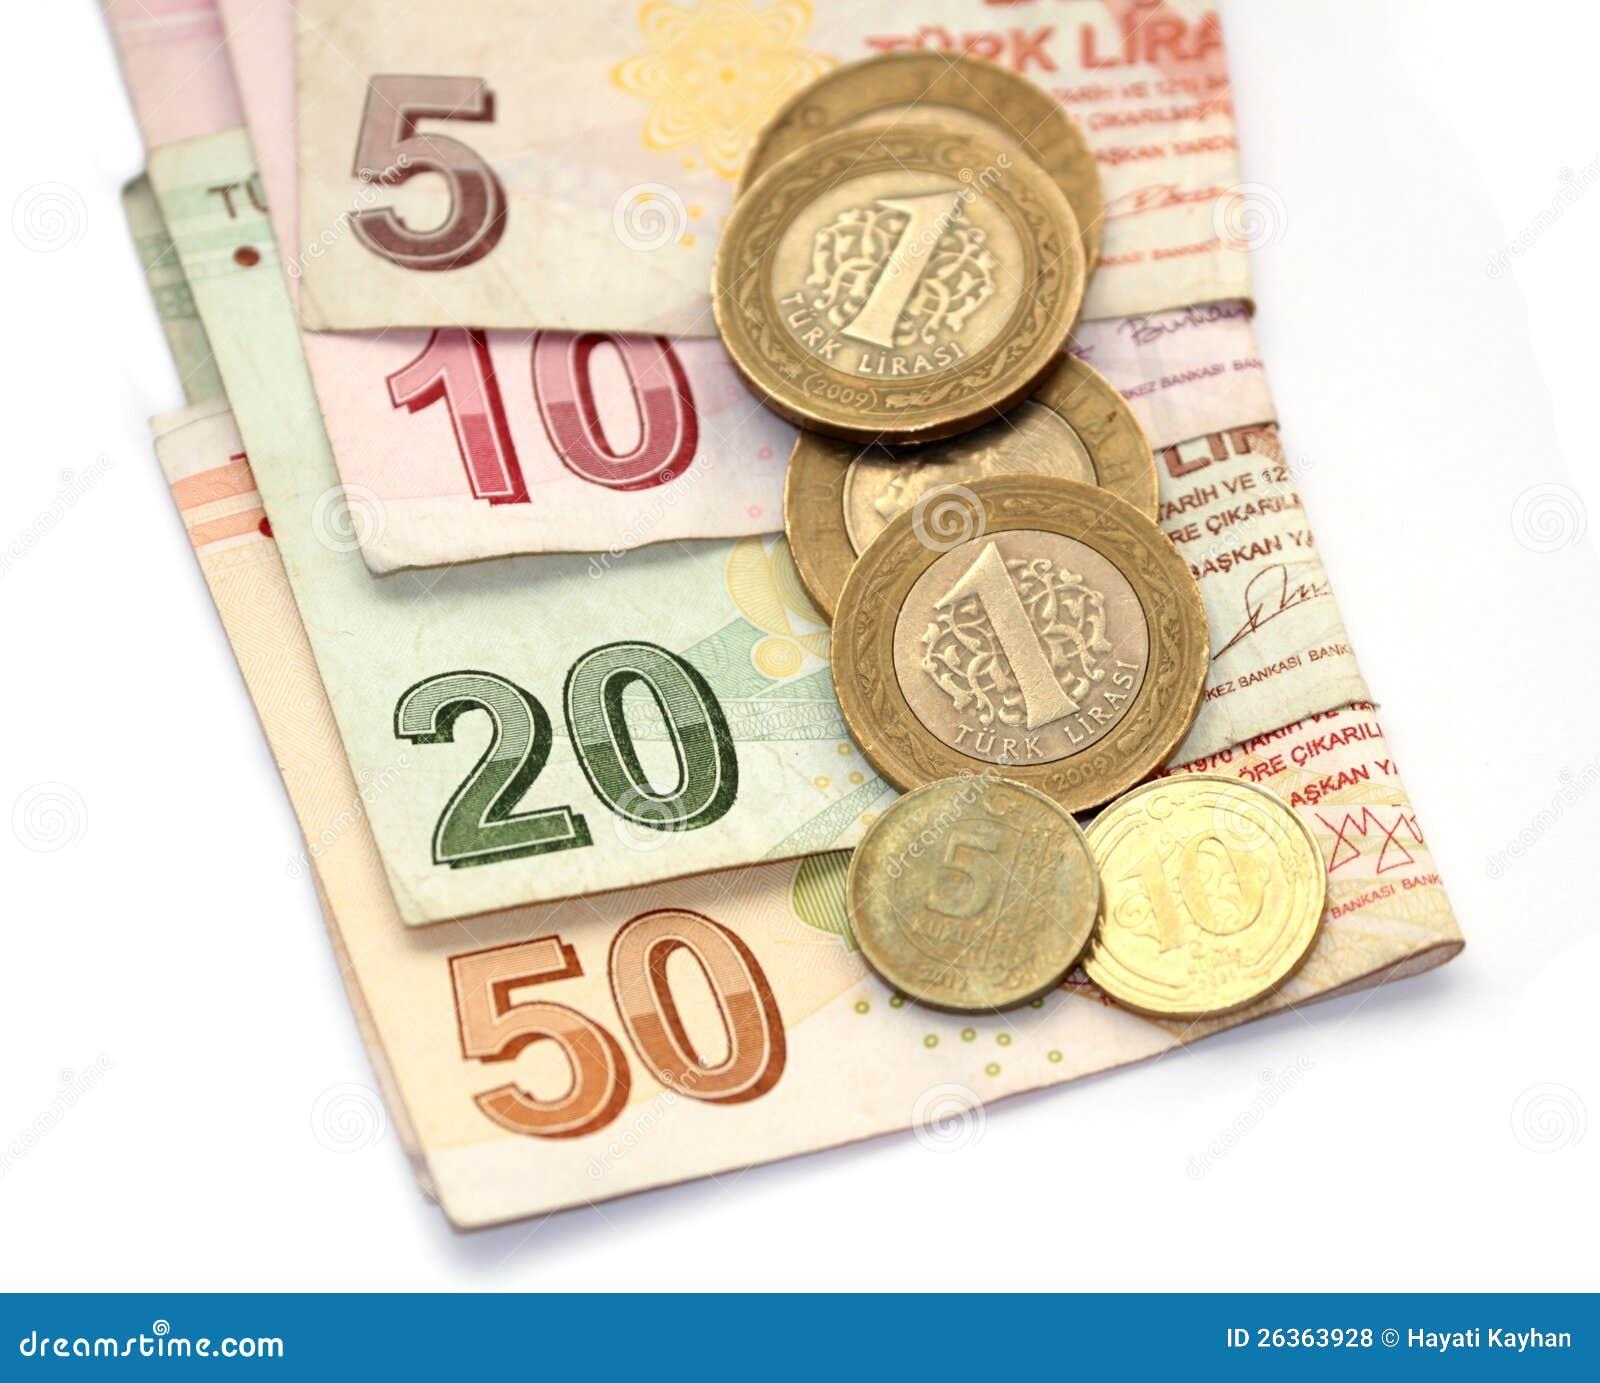 Türkische Liramünzen und gefaltete Banknoten